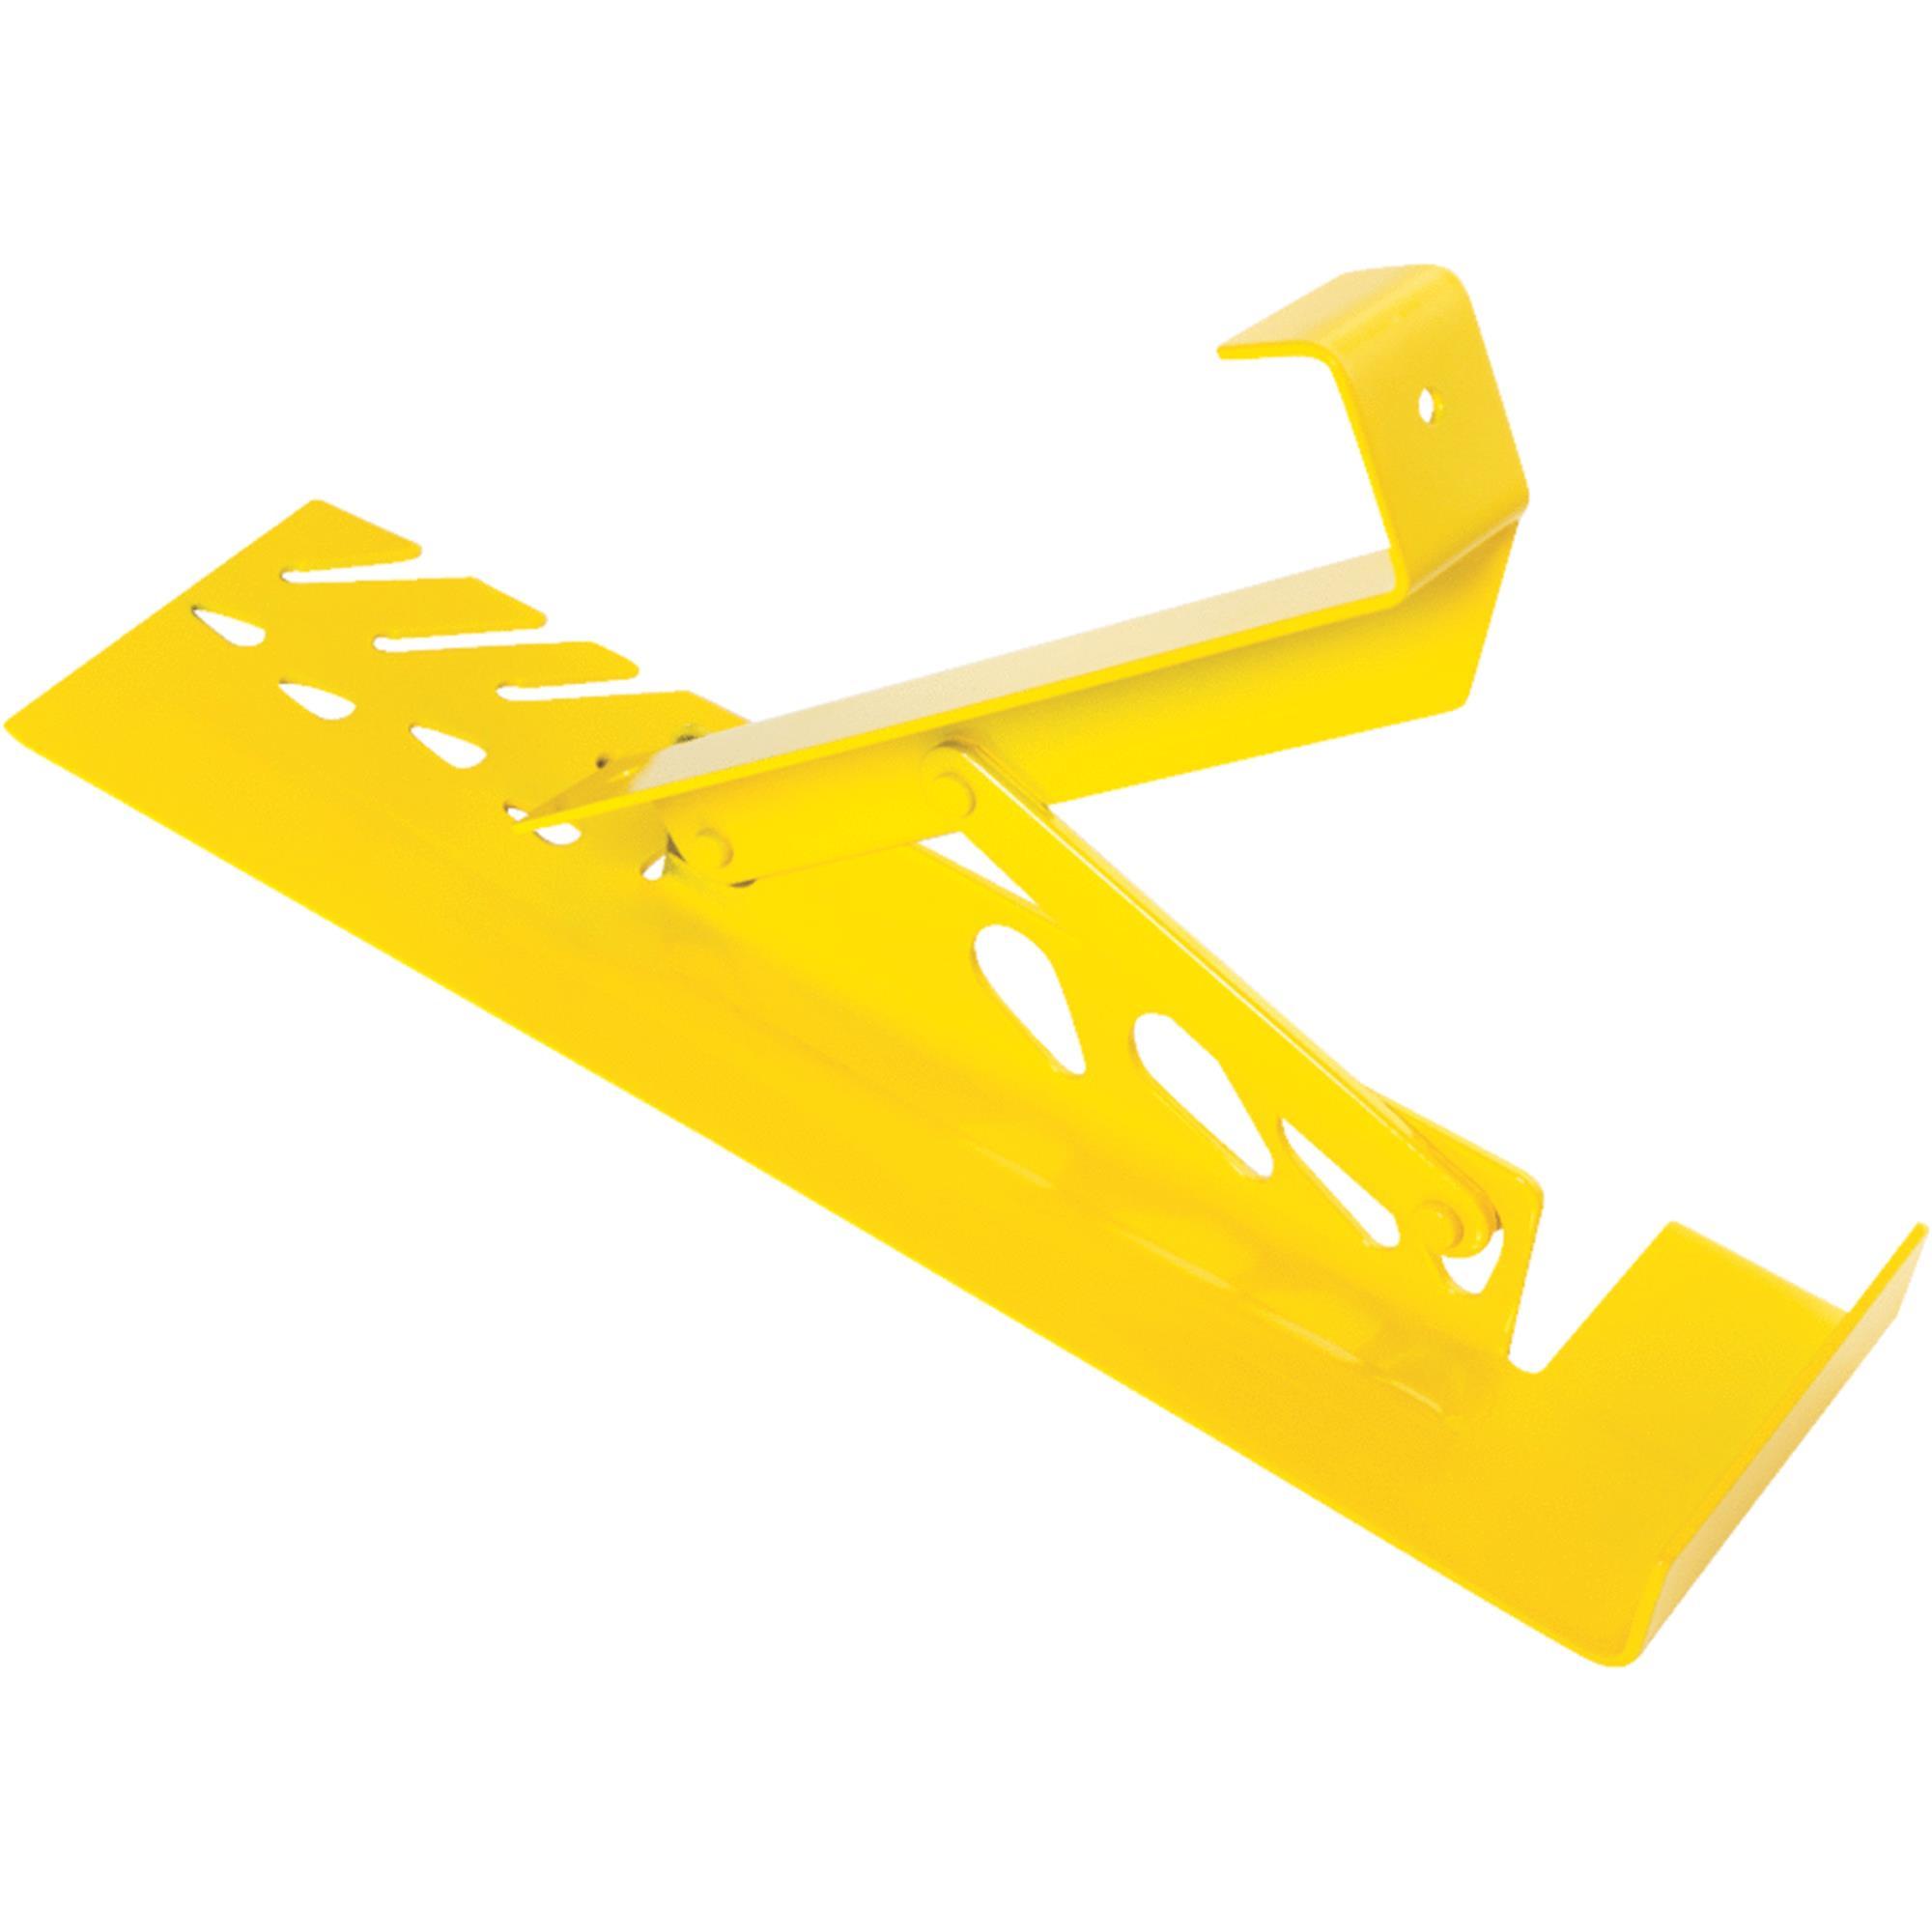 Image of Acro Adjustable Roof Bracket